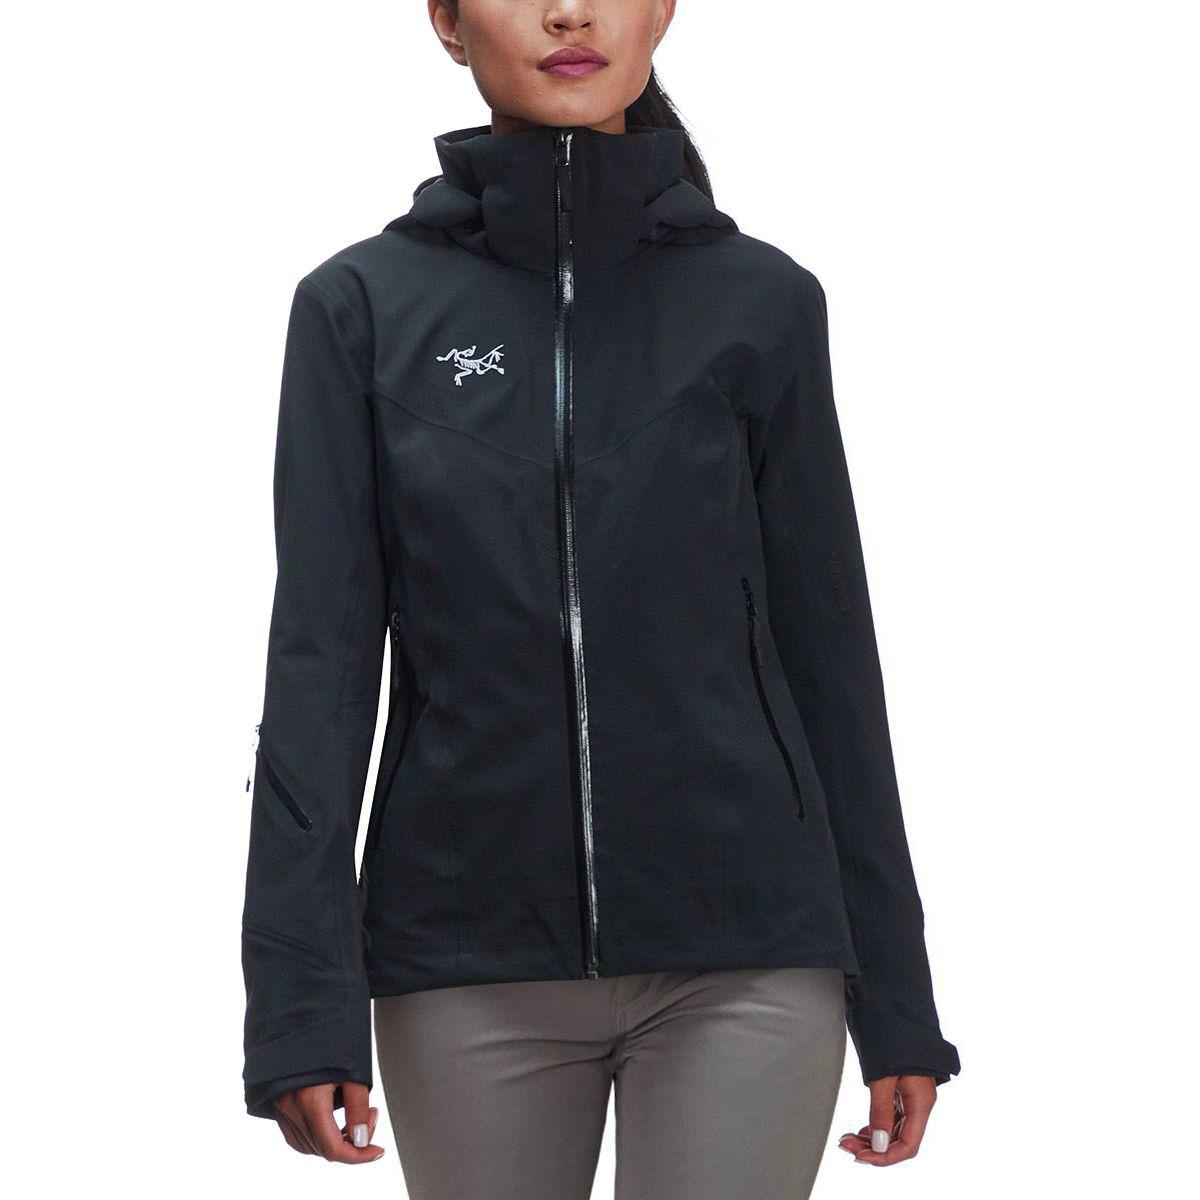 Arc'teryx Ravenna Jacket - Women's